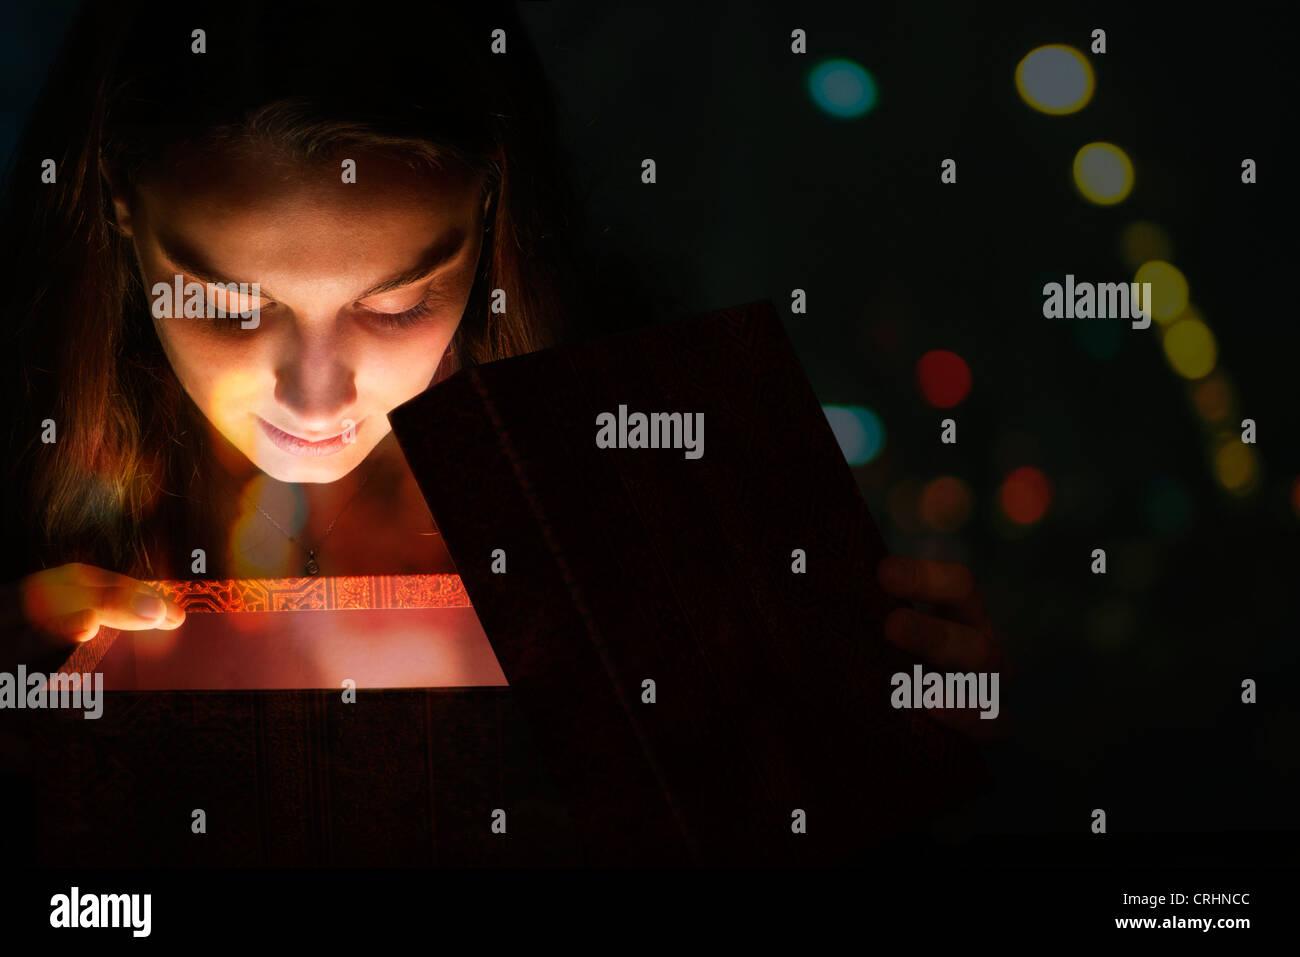 Junge Frau von Licht von innen Geschenkbox beleuchtet Stockbild